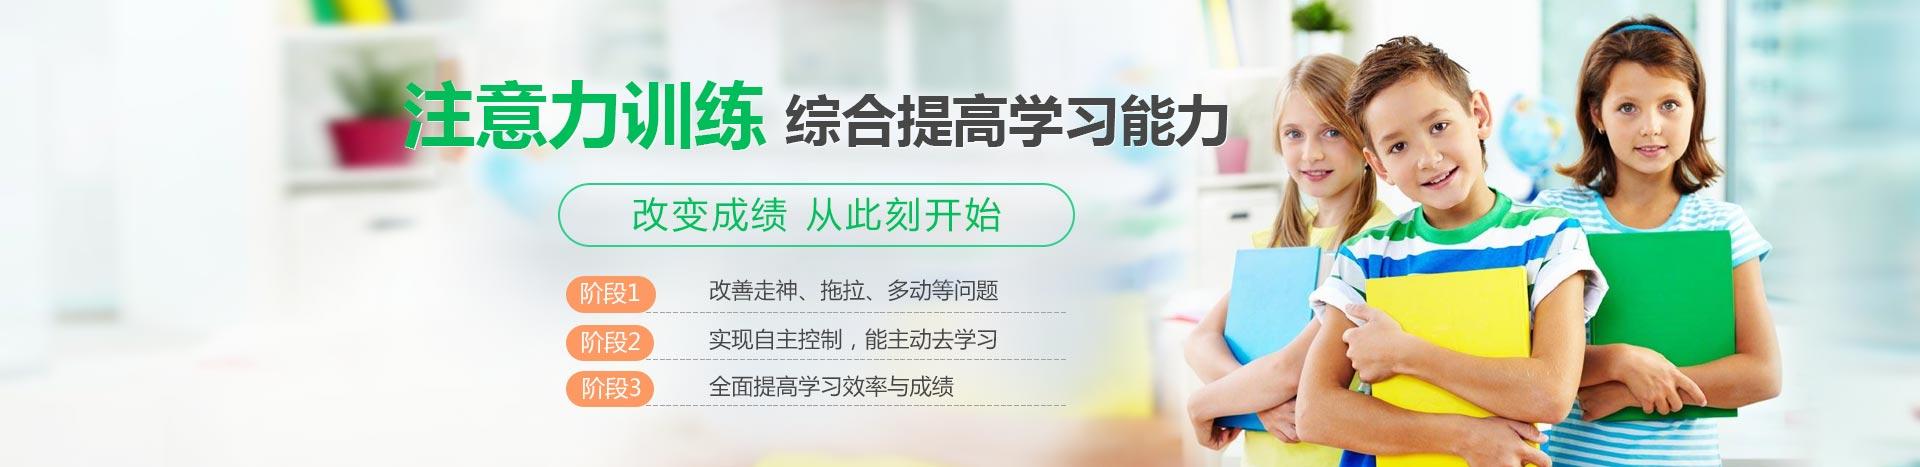 金博智慧青少年注意力訓練北京校區